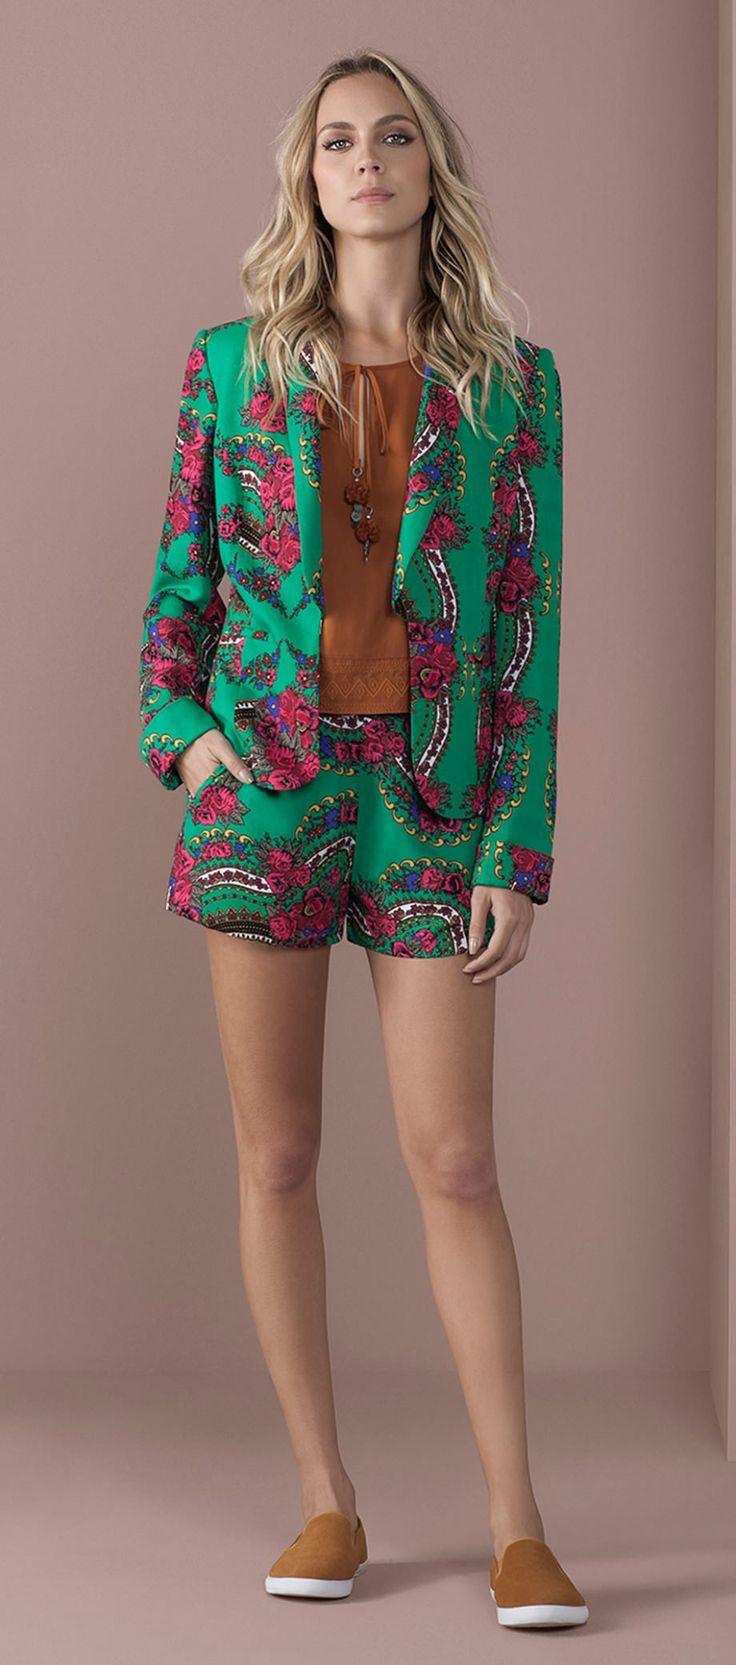 blazer estampado floral shorts estampado floral blusa com amarracao peito tenis sem cadarco camurca